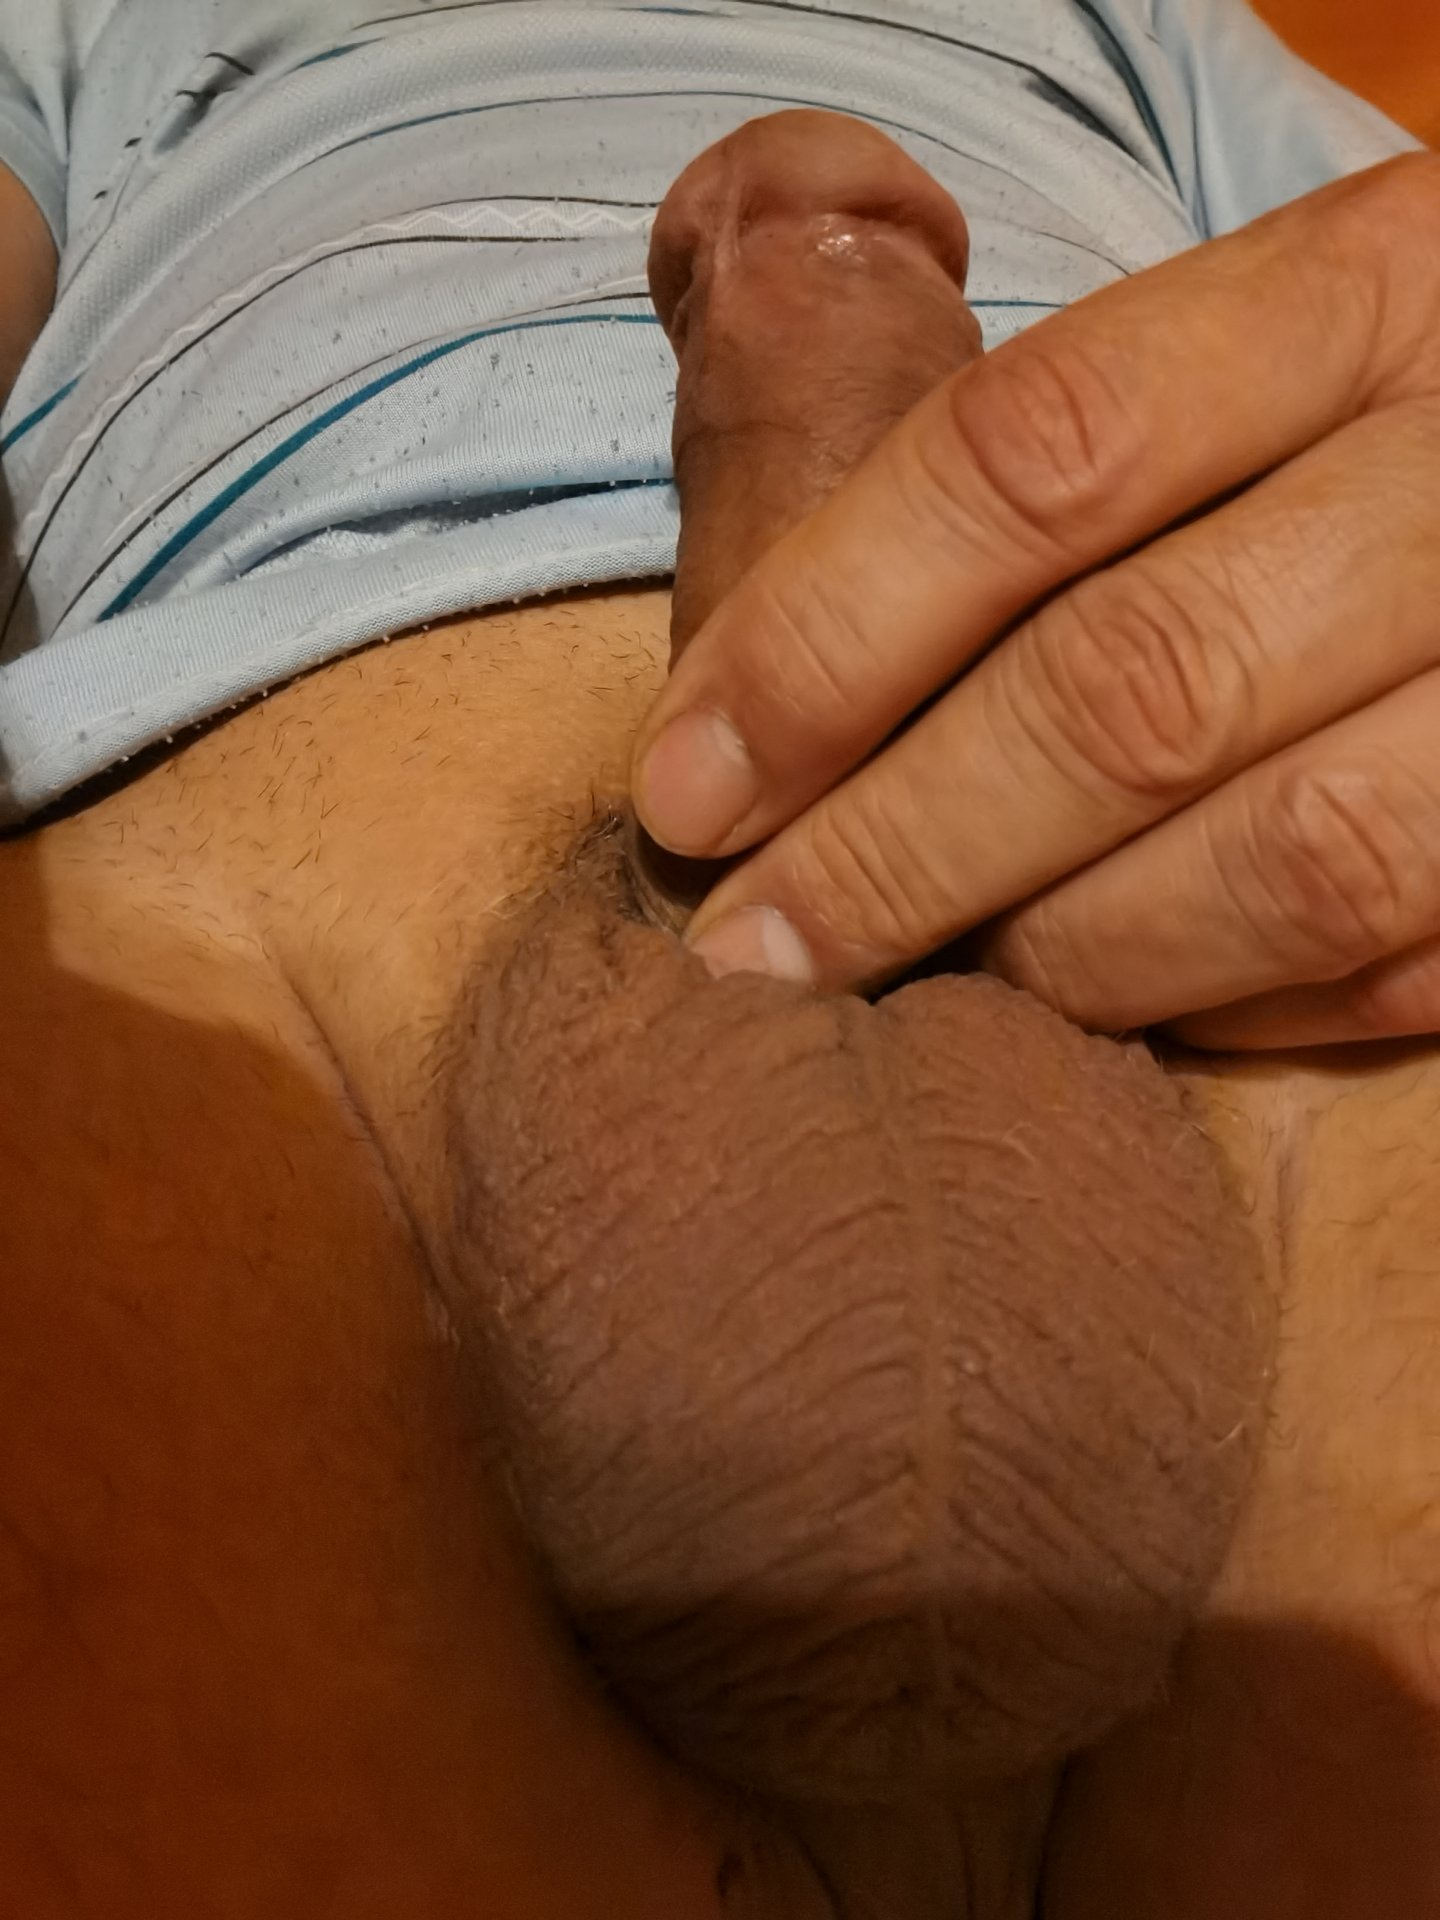 Sexer60 aus Sachsen,Deutschland